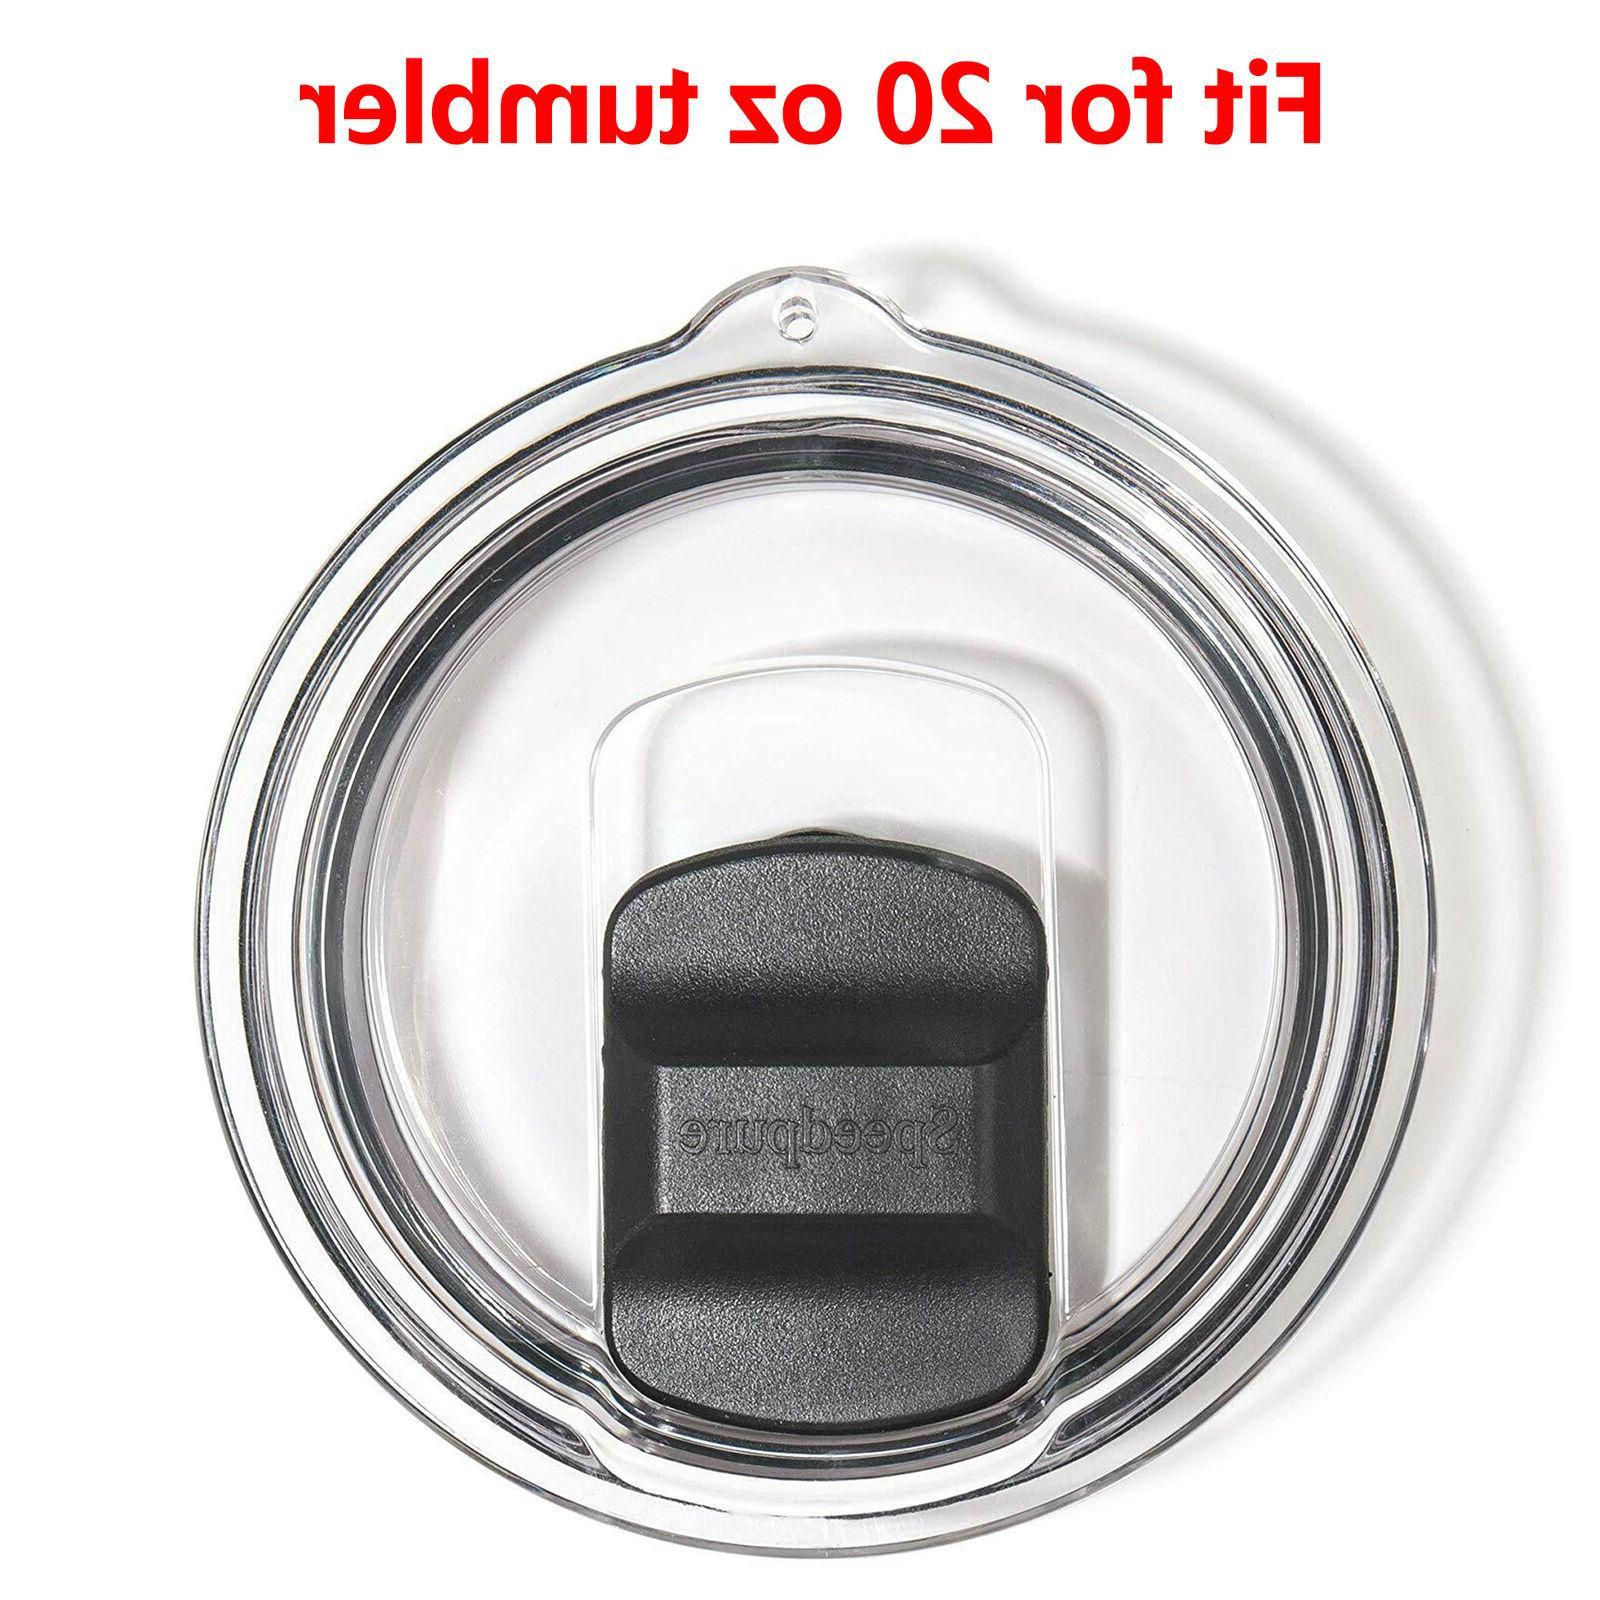 splash spill proof lid for 20 oz